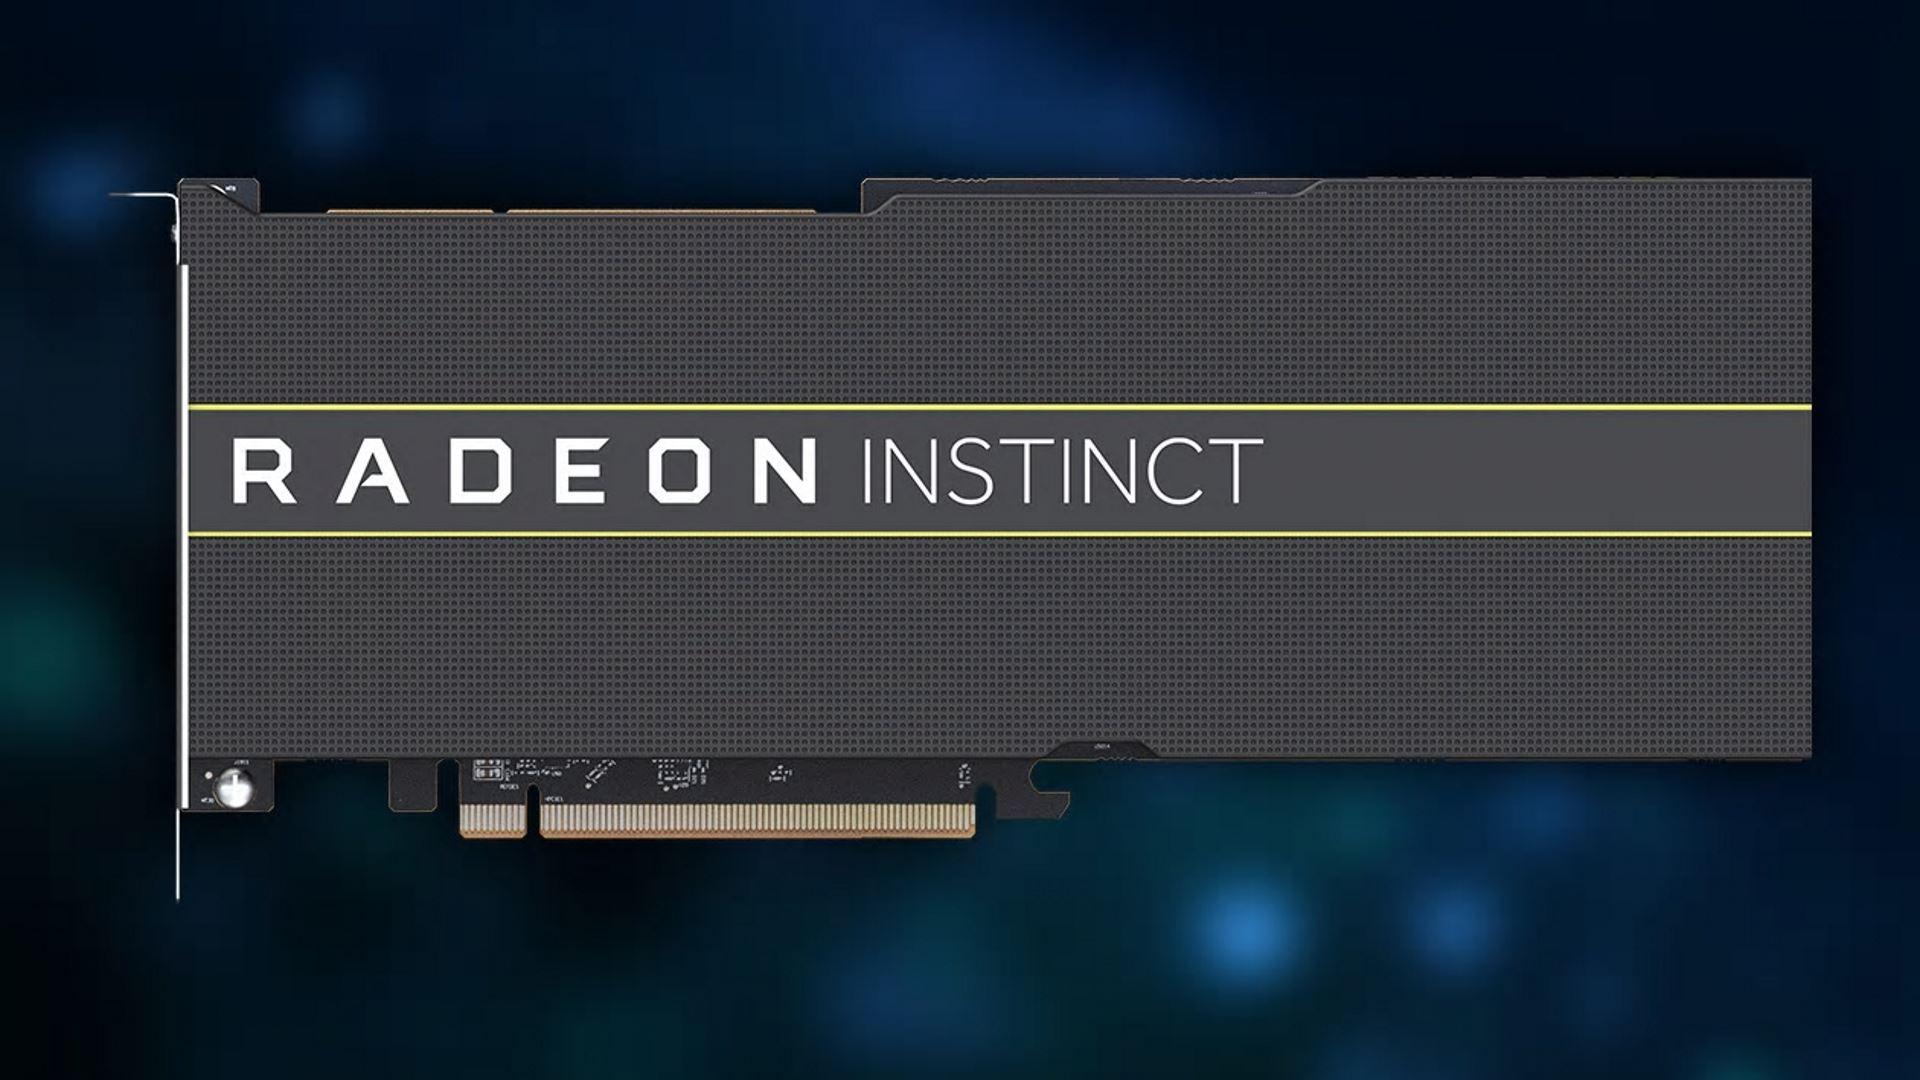 На иллюстрации изображена видеокарта Radeon Instinct с видом спереди